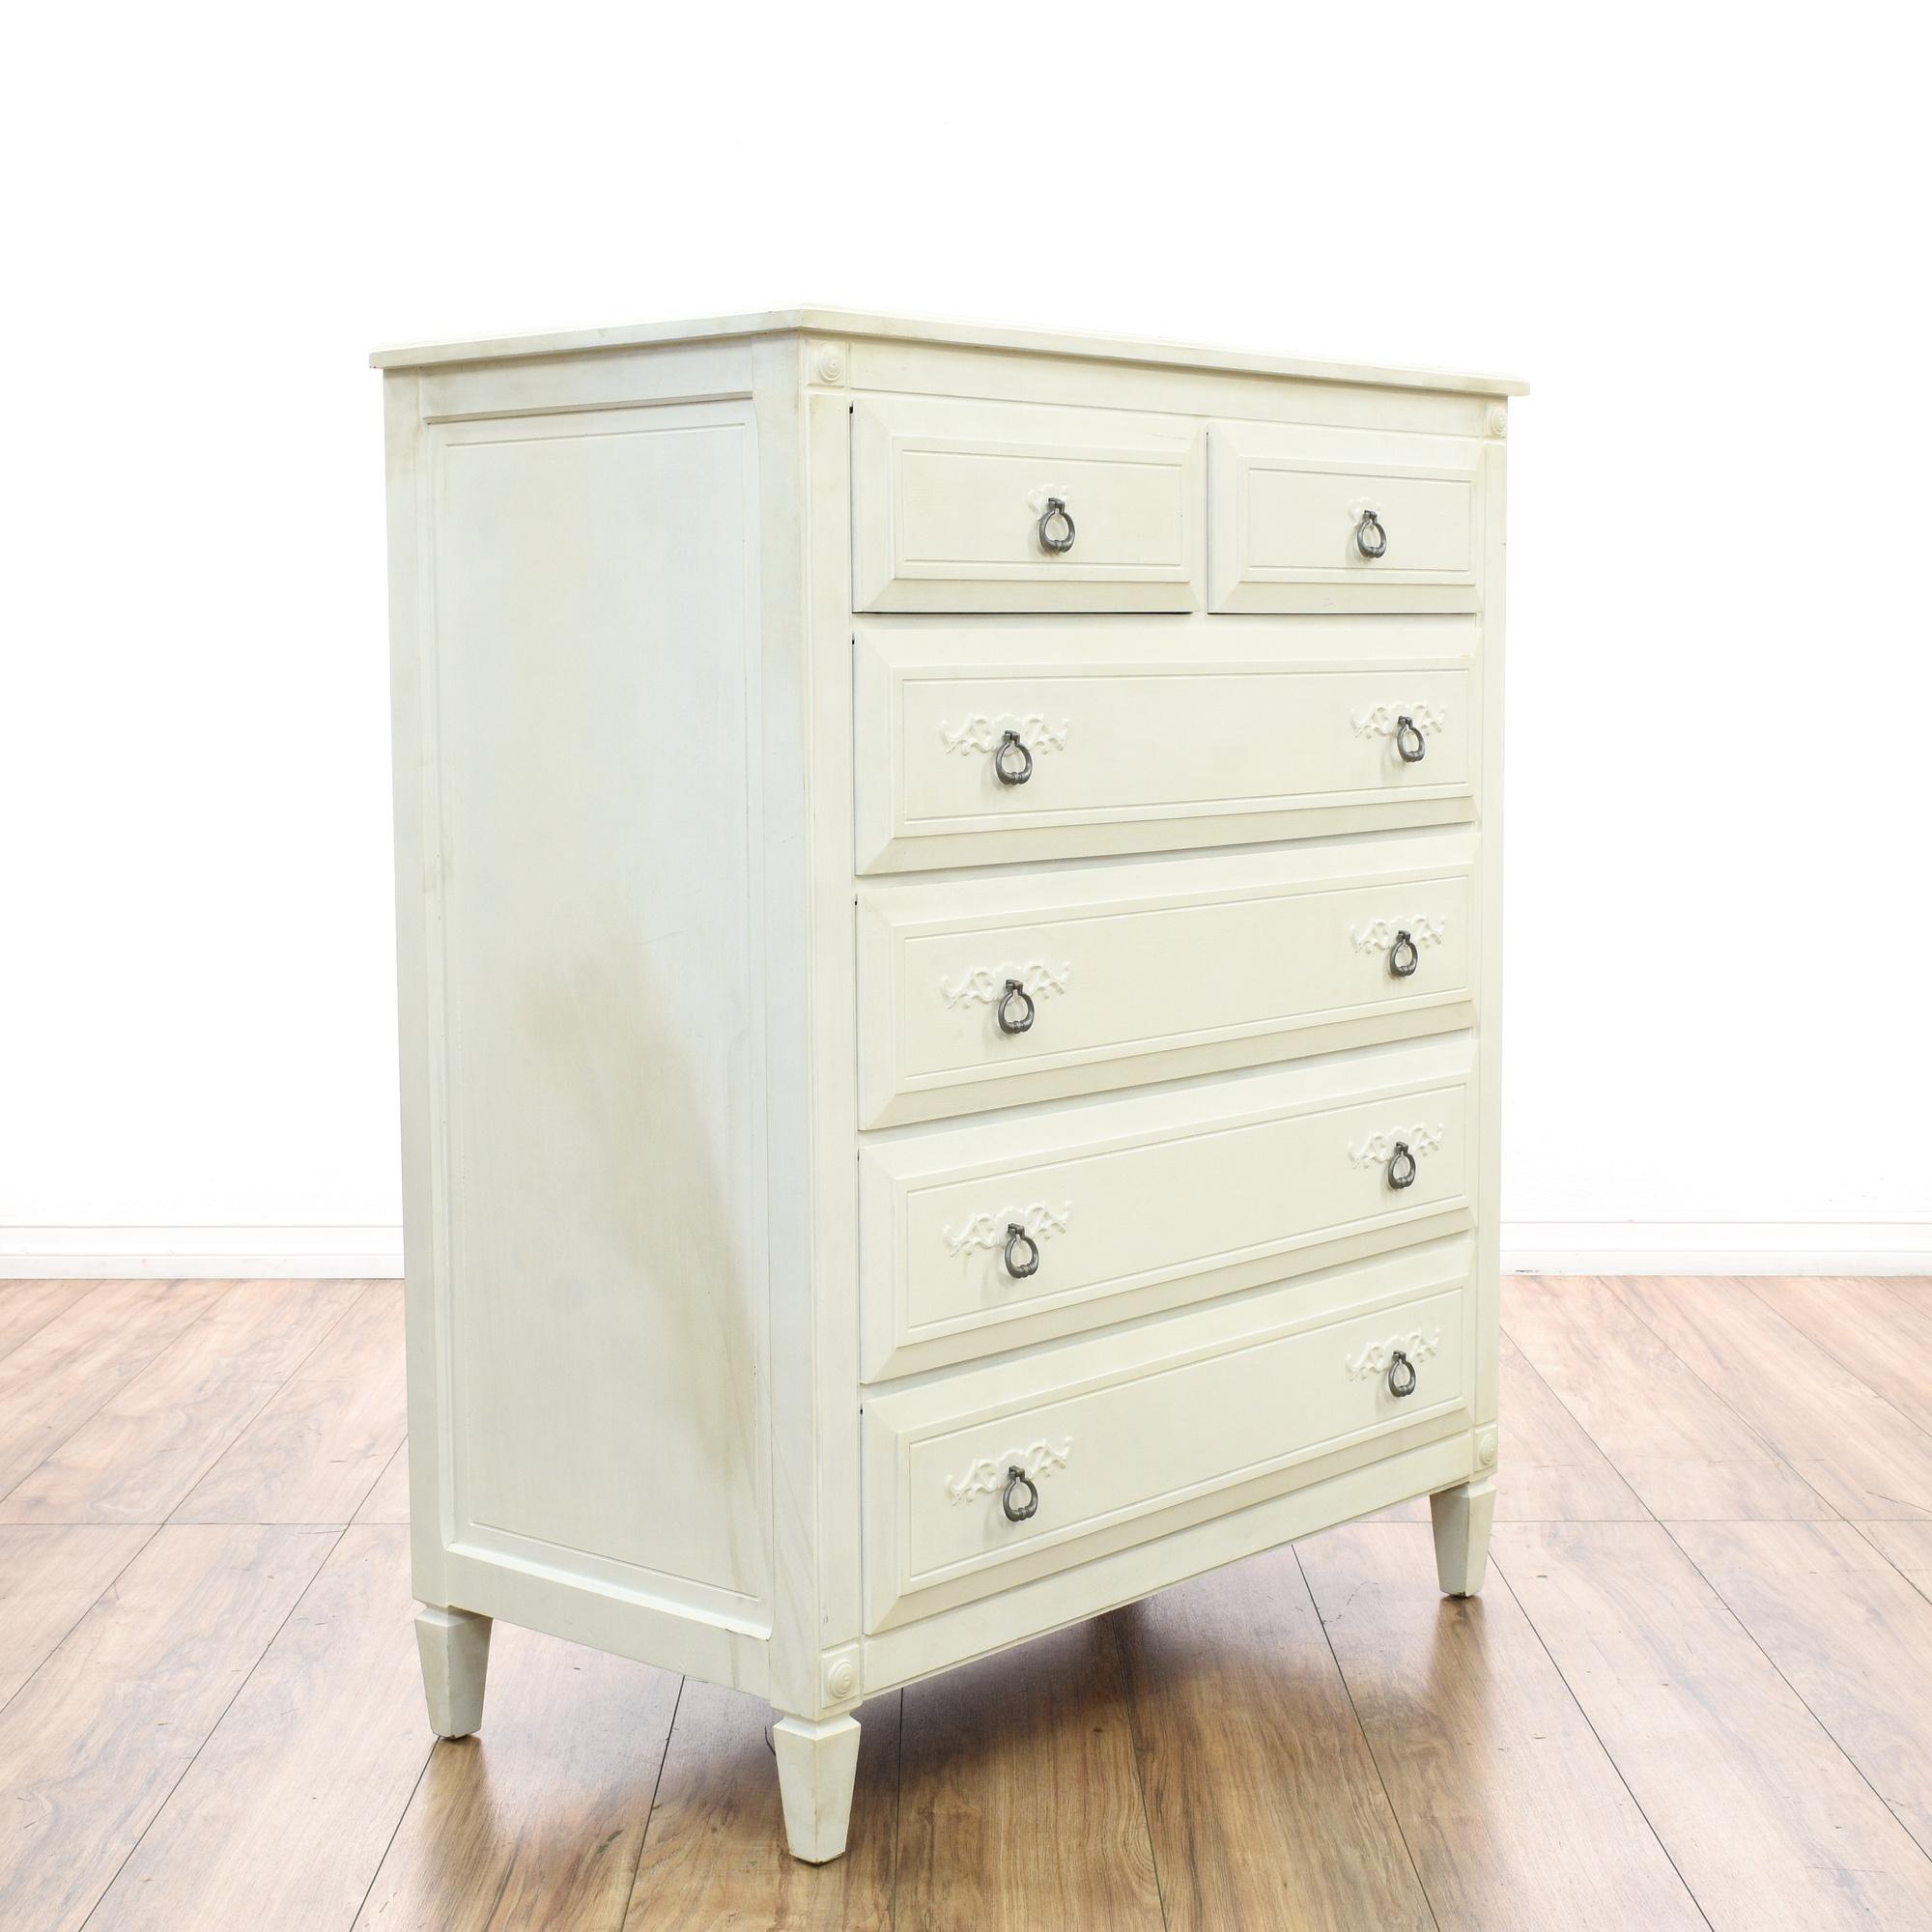 Rway Tall White Cottage Chic Dresser Loveseat Vintage